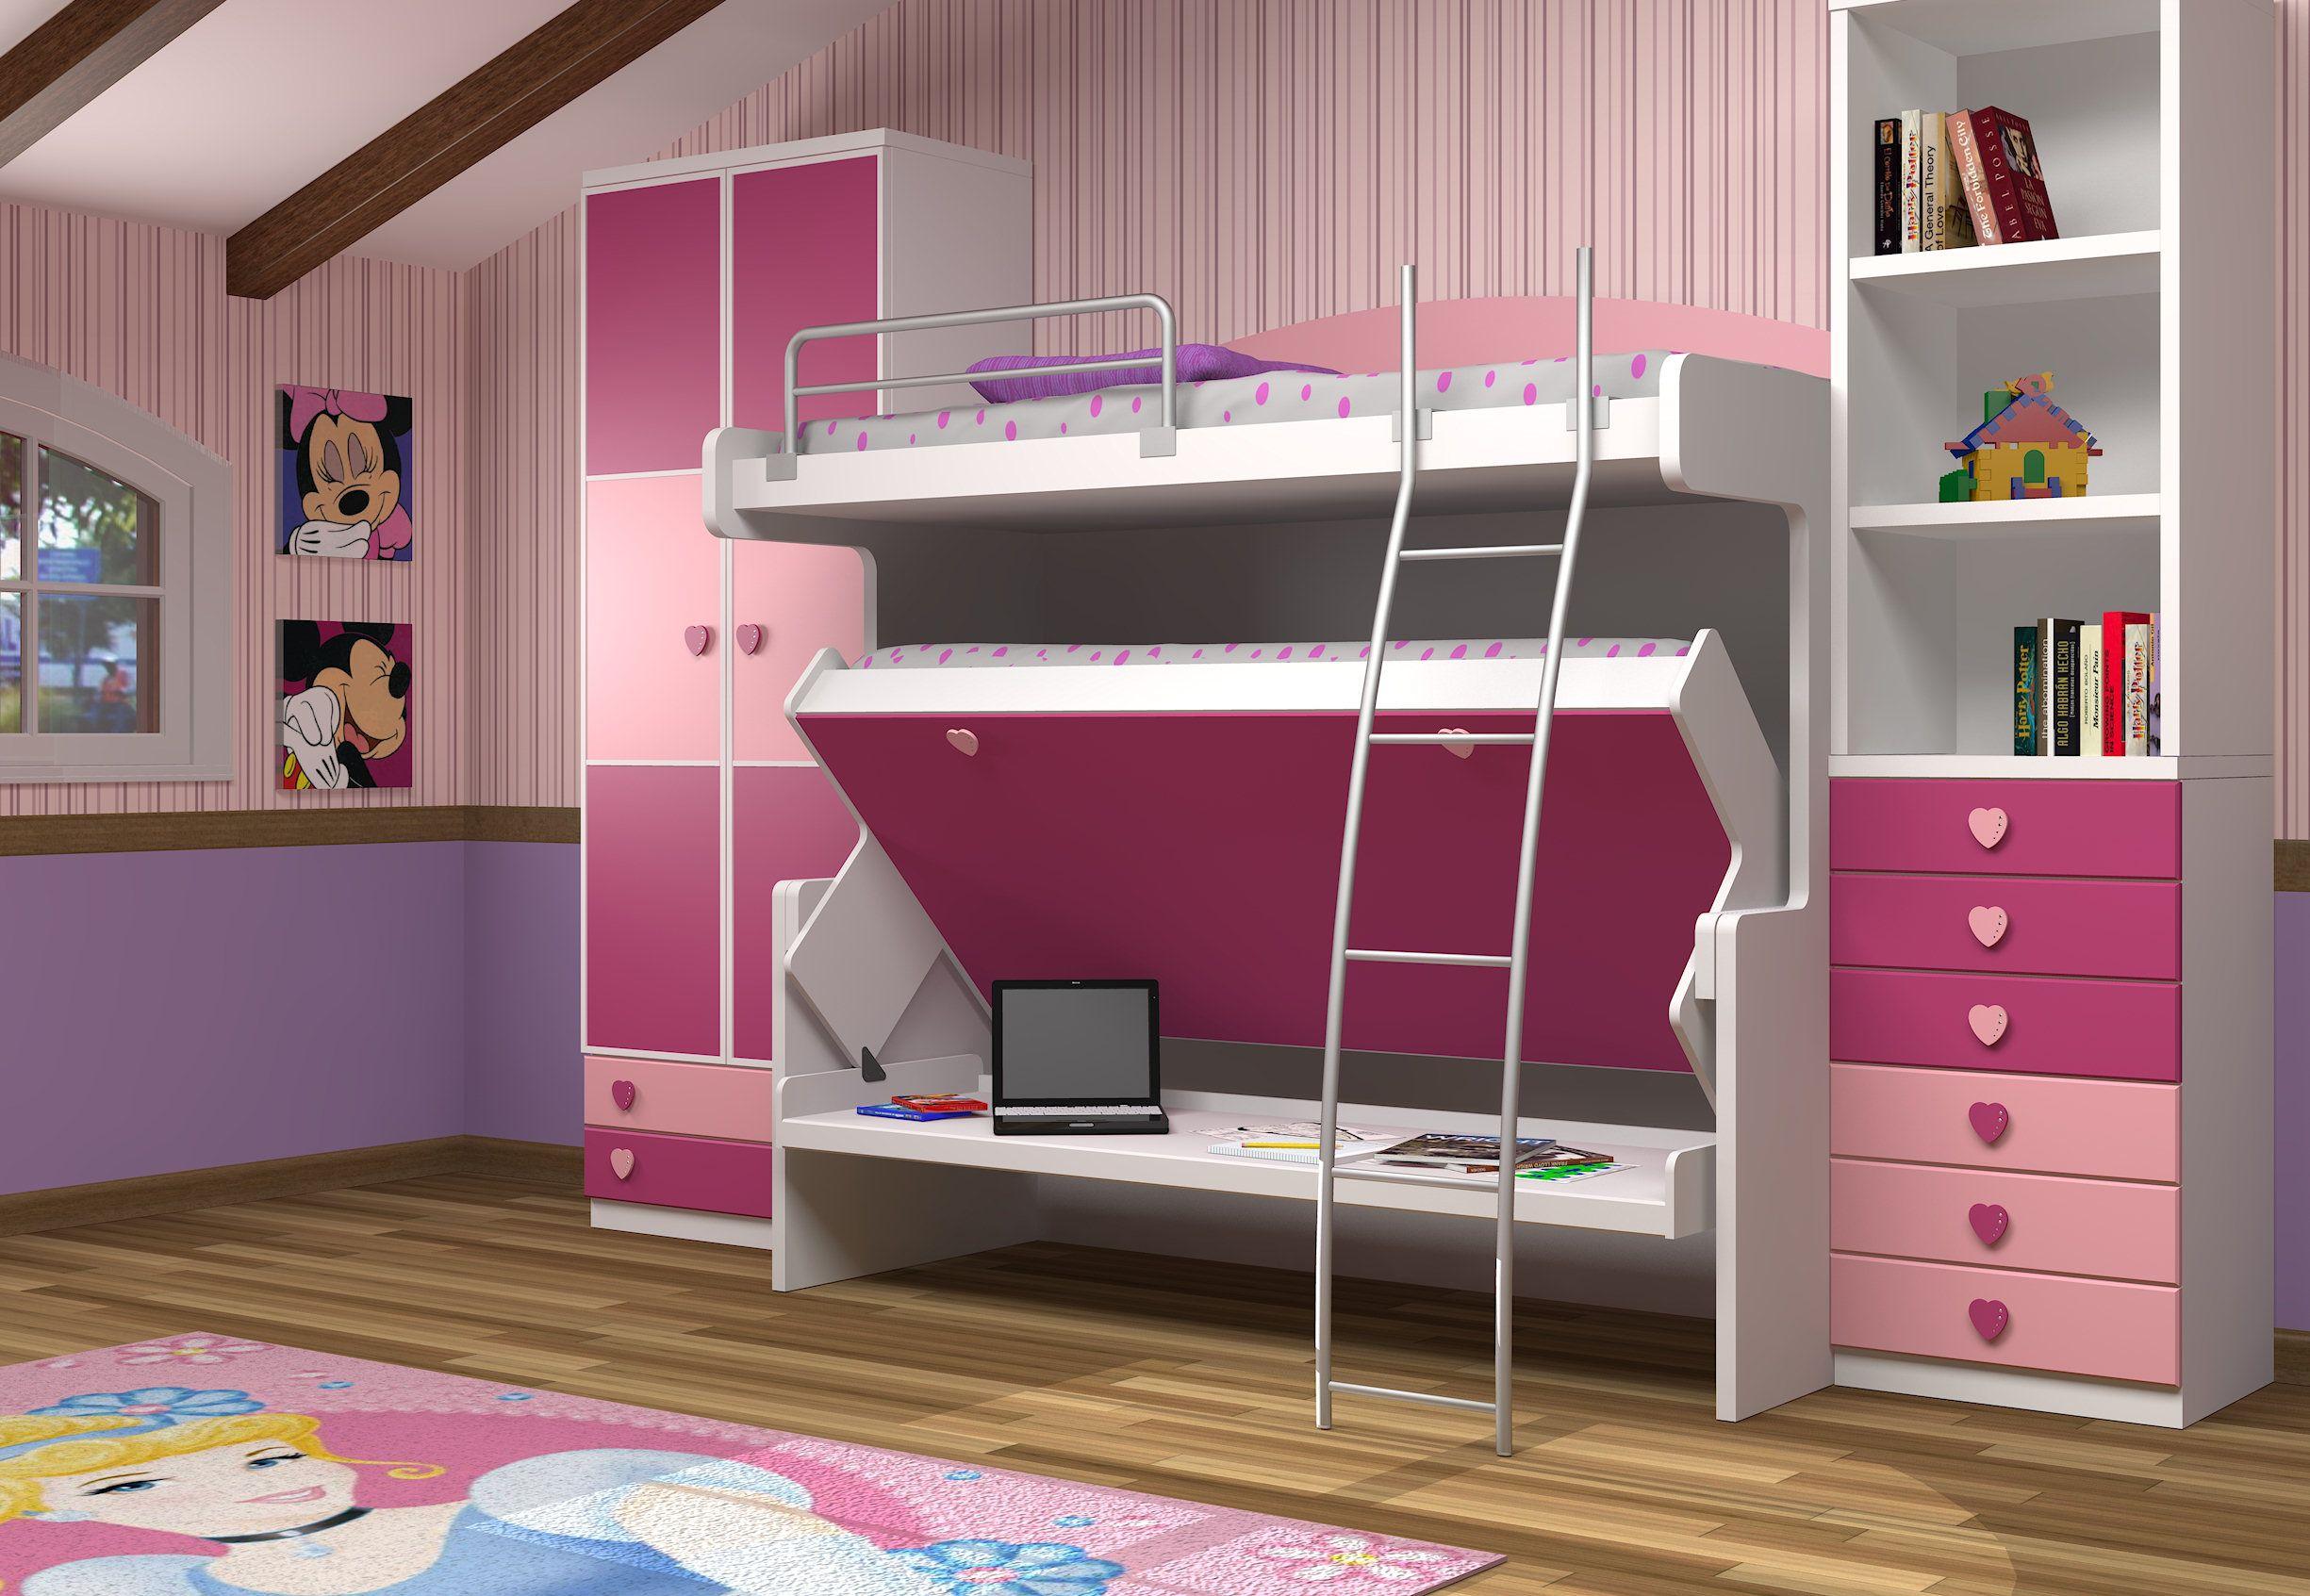 Hiddenbed 39 s double decker desk bed kinderzimmer pinterest - Double decker bed ...